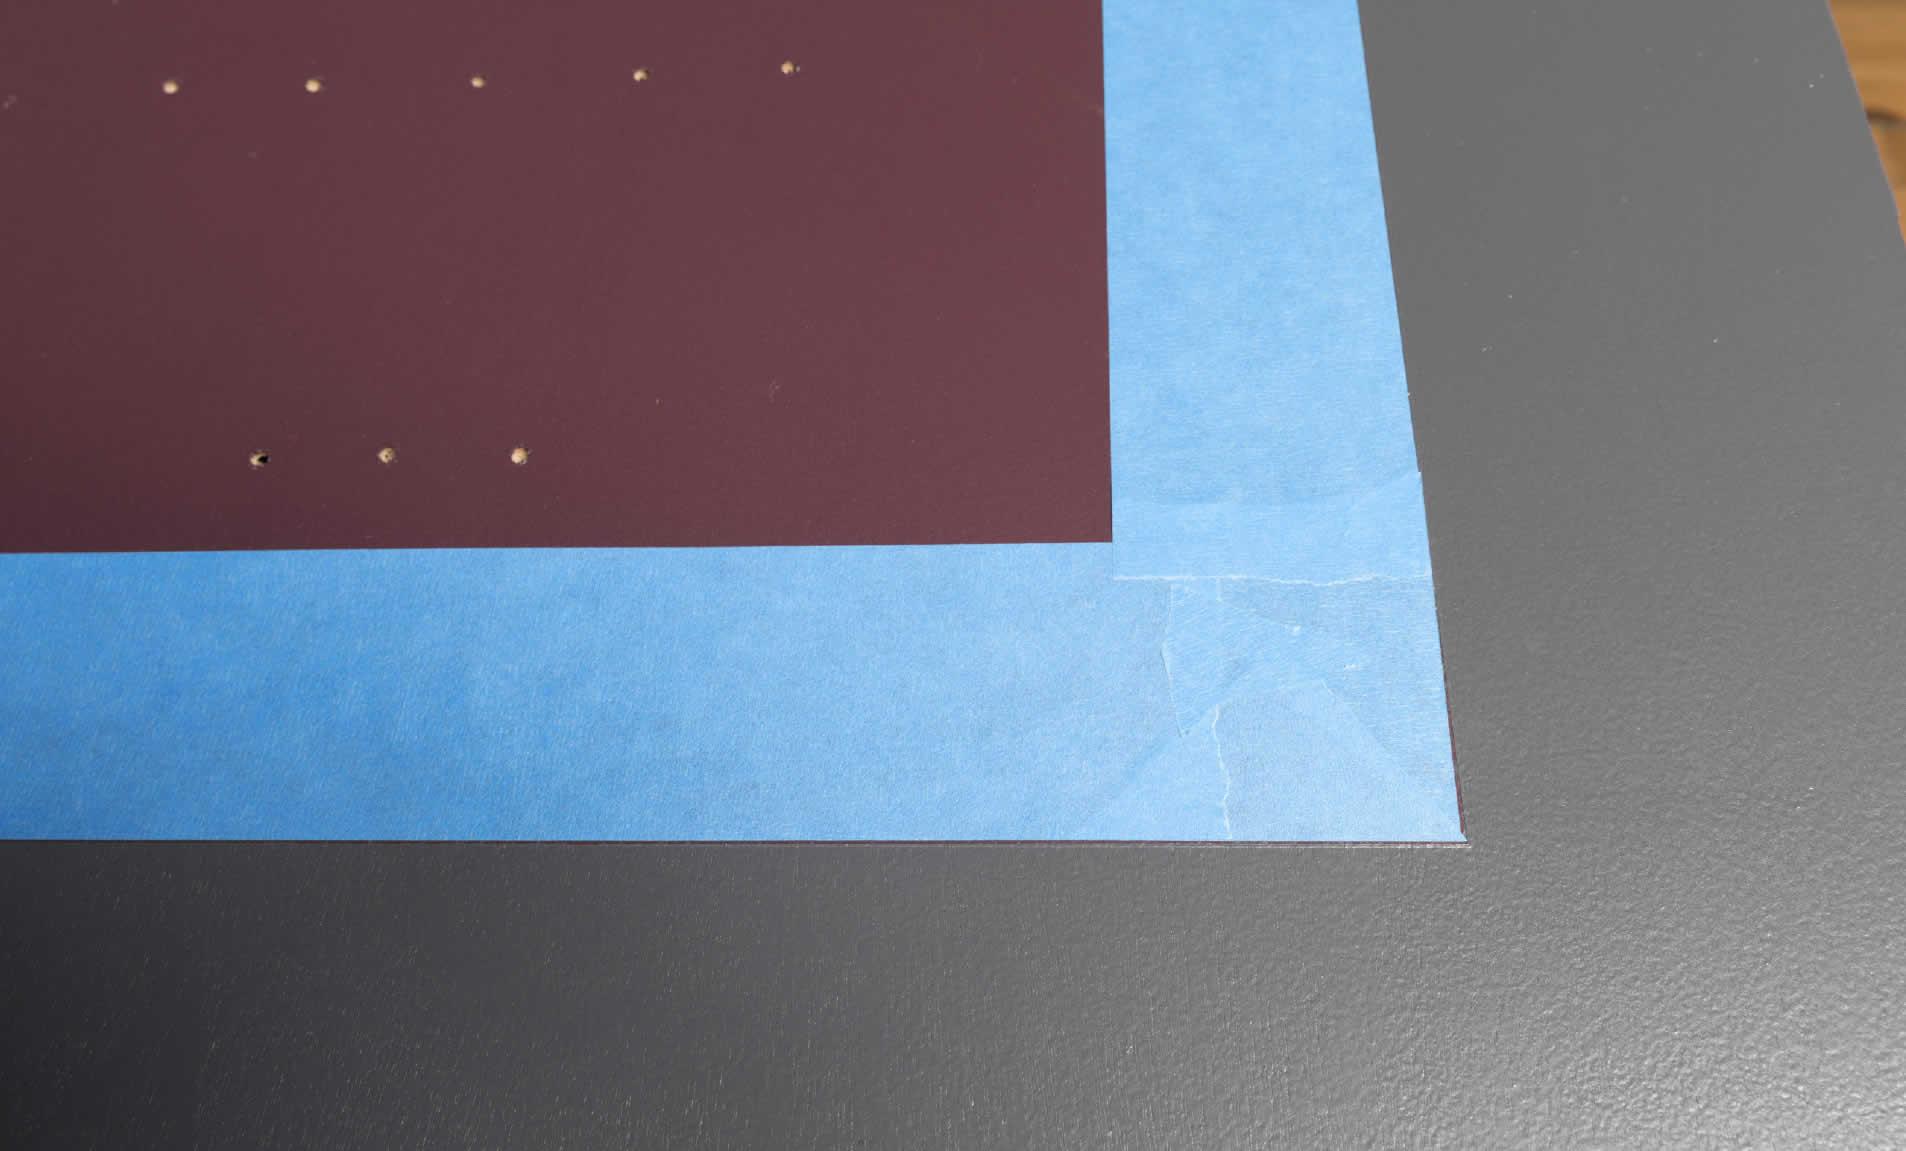 rivet-door-arrow-project-step9.jpg